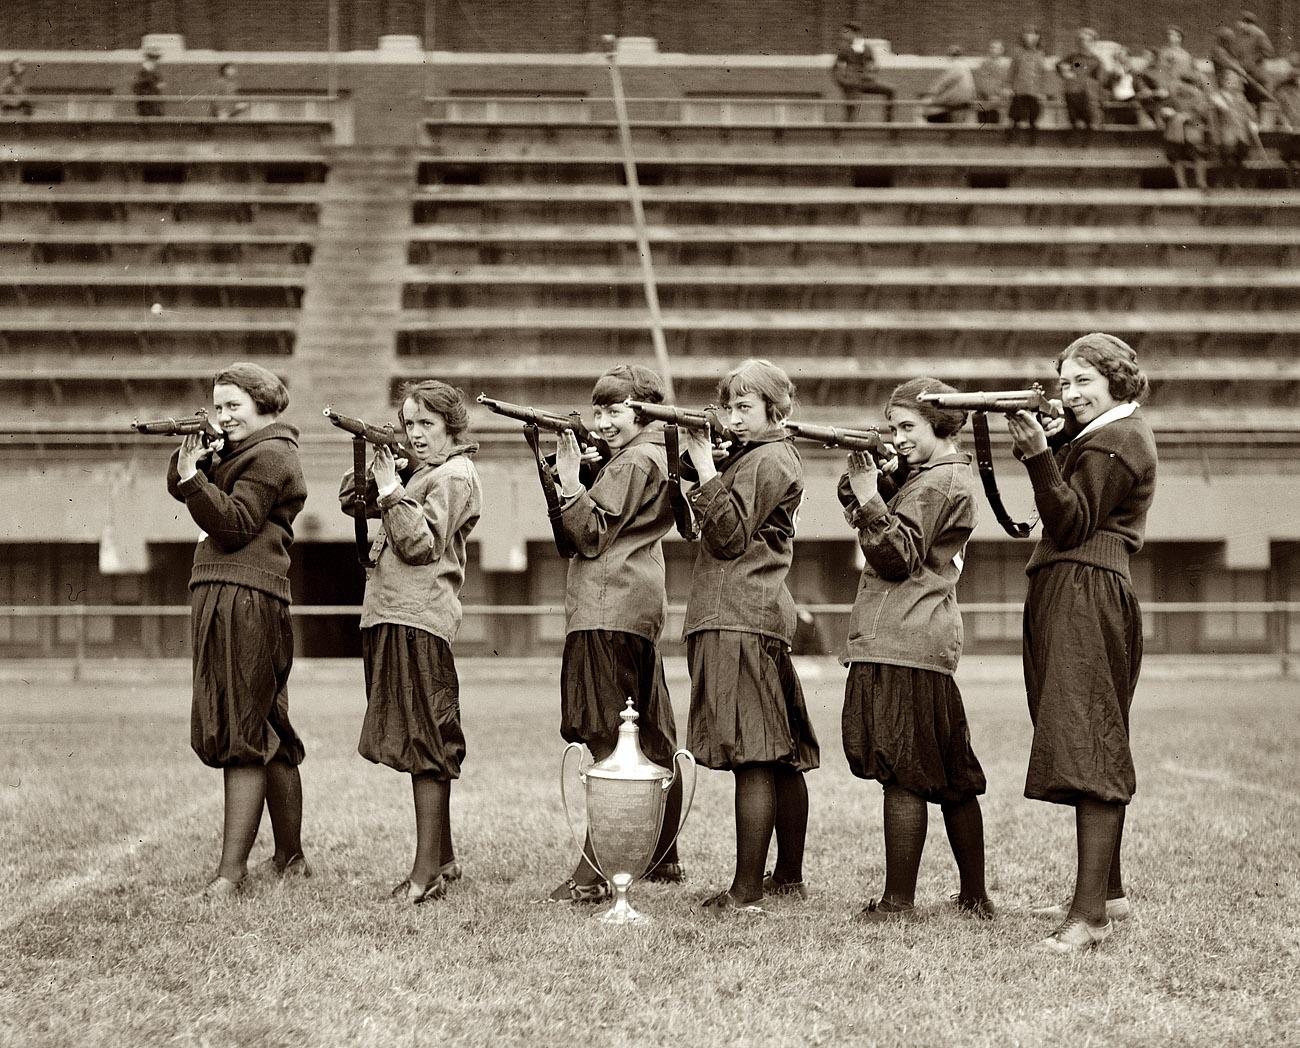 Подборка девушек с оружием. С такими я бы не отказался поиграть в